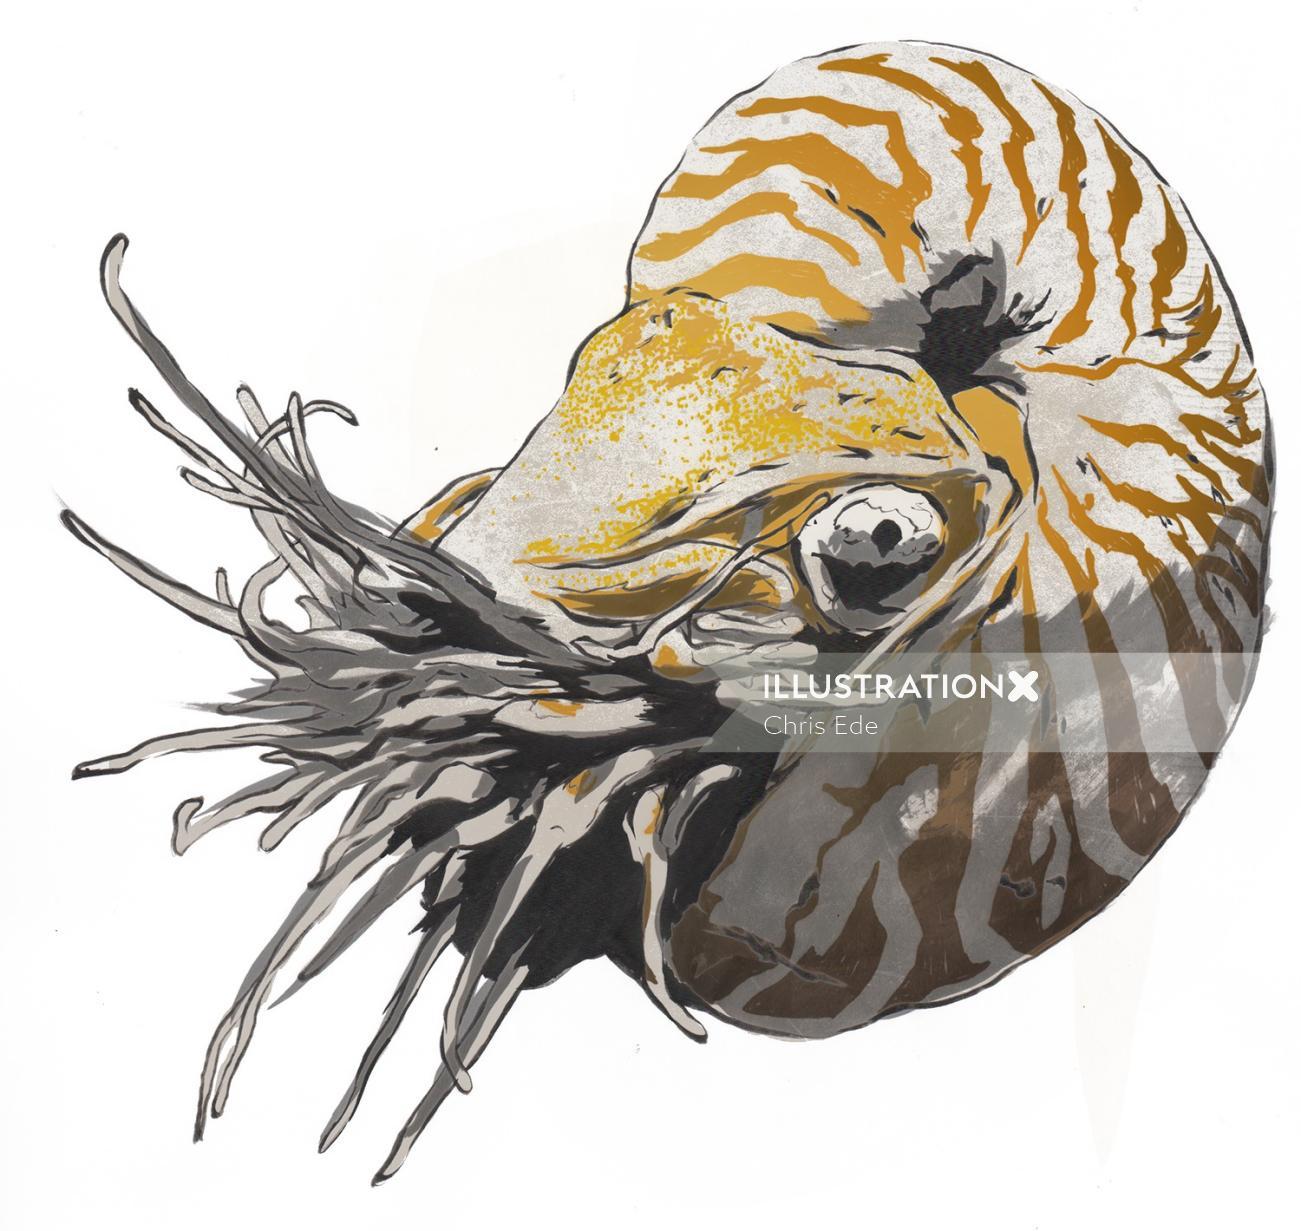 Illustration of sea animal